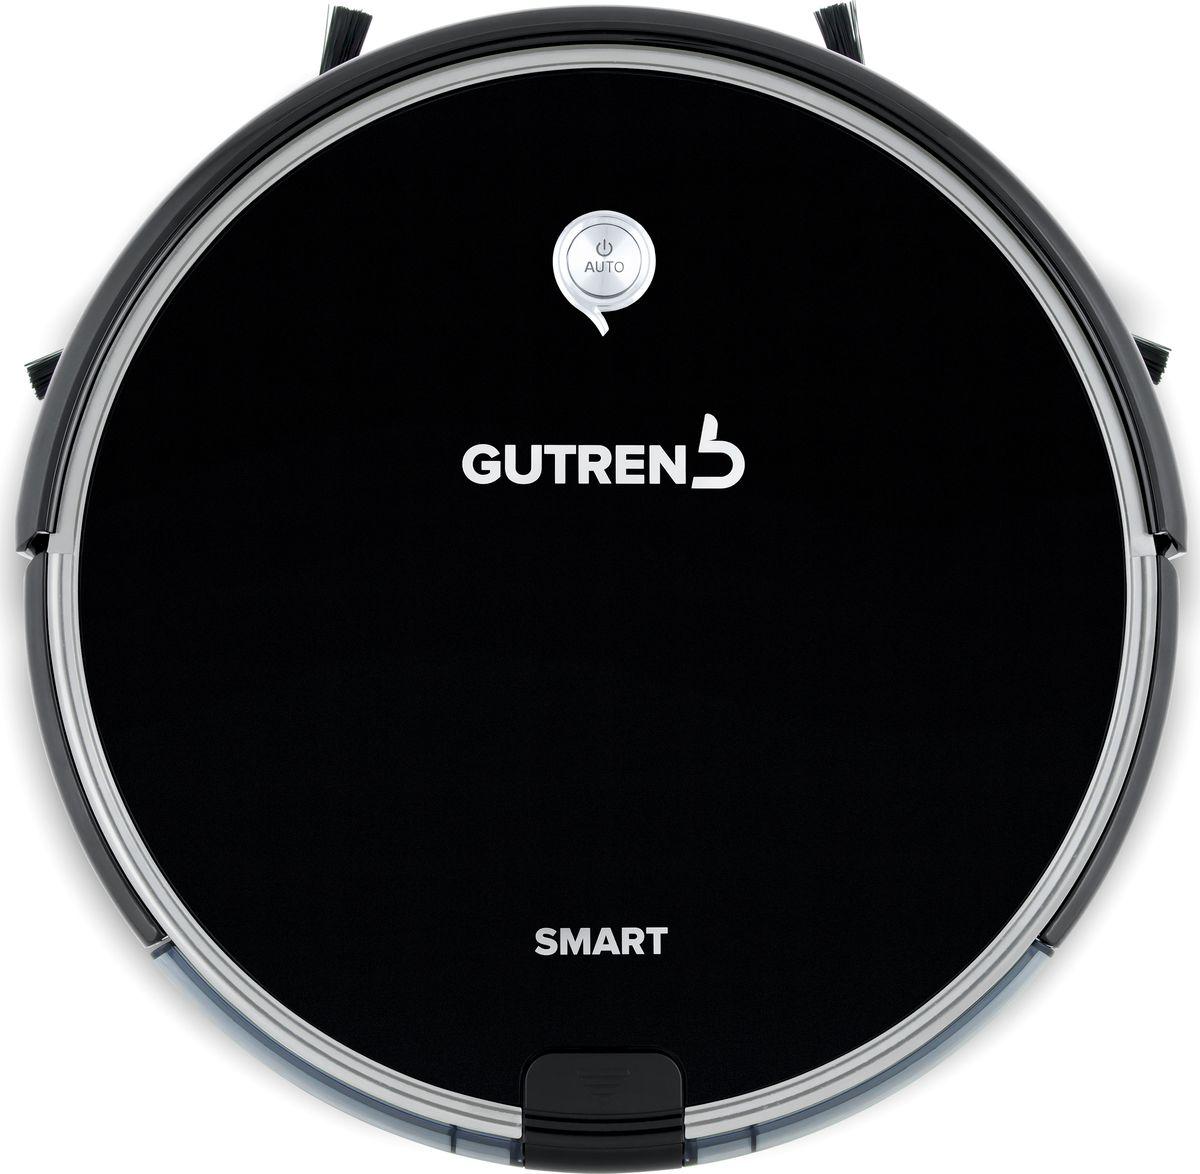 Gutrend Smart 300, Black робот-пылесосG300BРобот-пылесос GUTREND SMART 300 – это интеллектуальный подход к ежедневной уборке. Под элегантным корпусом кроются технологии, которые могут переписать Ваш опыт в наведении порядка. Новый GUTREND SMART 300 предназначен как для сухой, так и для влажной уборки всех типов напольных покрытий. Наилучшим образом все его возможности раскроются на большой площади уборки за счет аккумулятора высокой емкости. Благодаря технологии OPTIMAL ROUTE робот-пылесос SMART 300 обеспечивает последовательную уборку помещения, сокращая тем самым необходимое для качественной уборки время. Усовершенствованная технология влажной уборки с автоматической подачей воды получила название SMART DRIP 2.0. В этой версии за четкое дозирование жидкости во время уборки отвечает надежная электронная система, которая гарантированно прекращает подачу воды во время остановки пылесоса.Как выбрать робот-пылесос. Статья OZON Гид